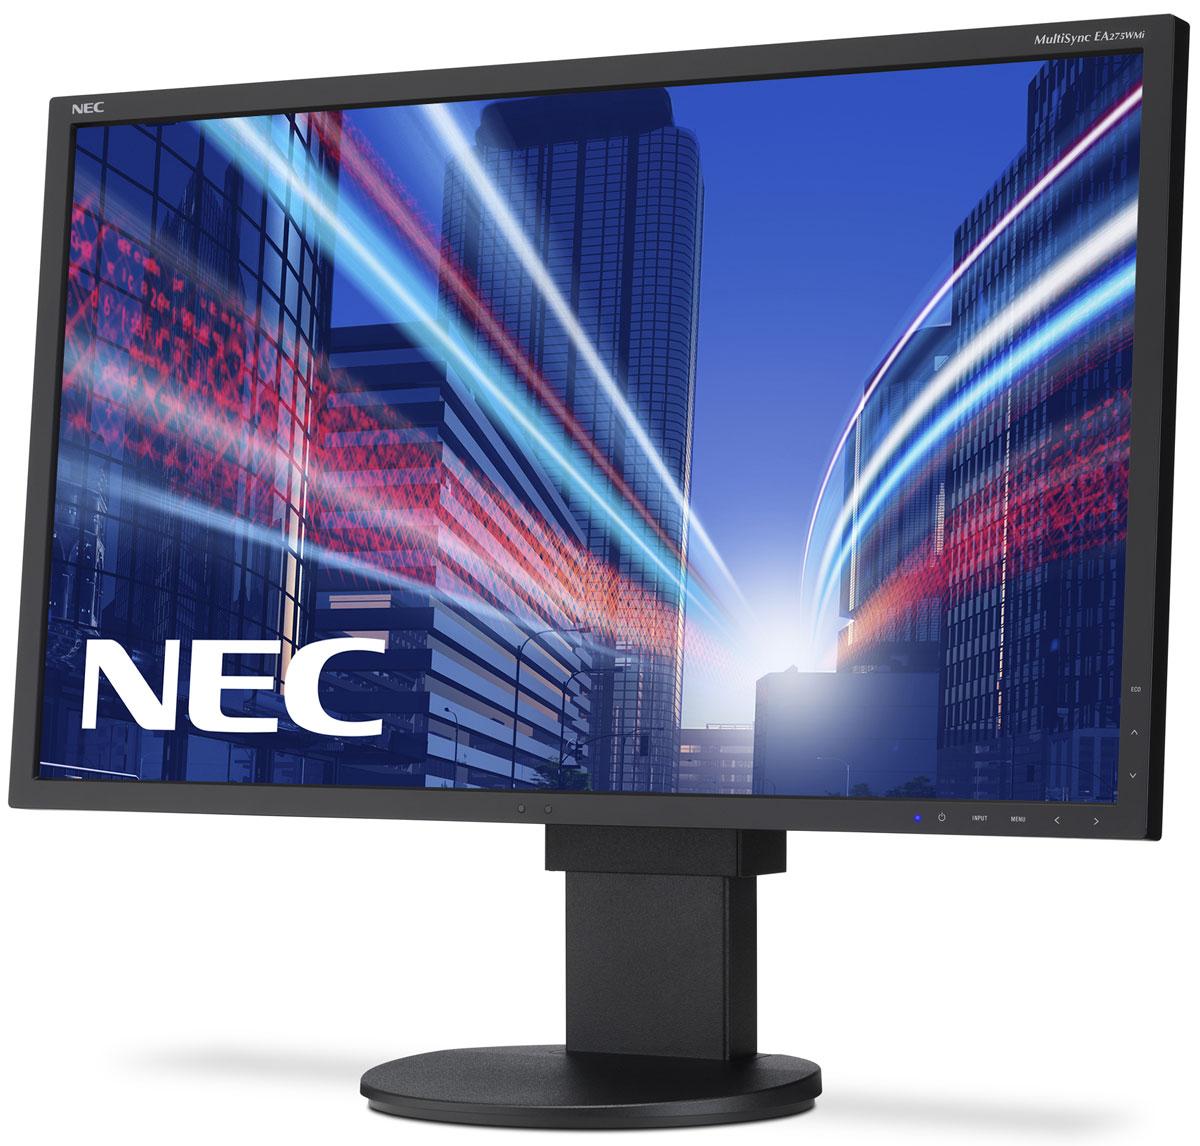 NEC EA275WMi, Black монитор60003813Модель NEC EA275WMi обладает очень тонкой 27 IPS-панелью со светодиодной подсветкой и разрешением 2560 x 1440, что обеспечивает ультрасовременный и тонкий дизайн. Датчик рассеянного света и датчик присутствия являются стандартными характеристиками данной модели, кроме того, модель обладает улучшенными эргономическими характеристиками, например, механизмом регулирования высоты до 130 мм. Эргономическое исполнение данного дисплея дополняется отличным качеством изображения. Дисплей также располагает перспективными возможностями соединения с 4 коннекторами: DisplayPort, HDMI и выходом DisplayPort. Идеальный набор функциональных возможностей для офисной эксплуатации - встроенные динамики, гнездо для подключения наушников и USB-хаб обеспечивают отличные опции для офисной коммуникации. Датчик рассеянного света - благодаря функции автоматической яркости Auto Brightness всегда можно оптимизировать уровень яркости в зависимости от освещения и условий...